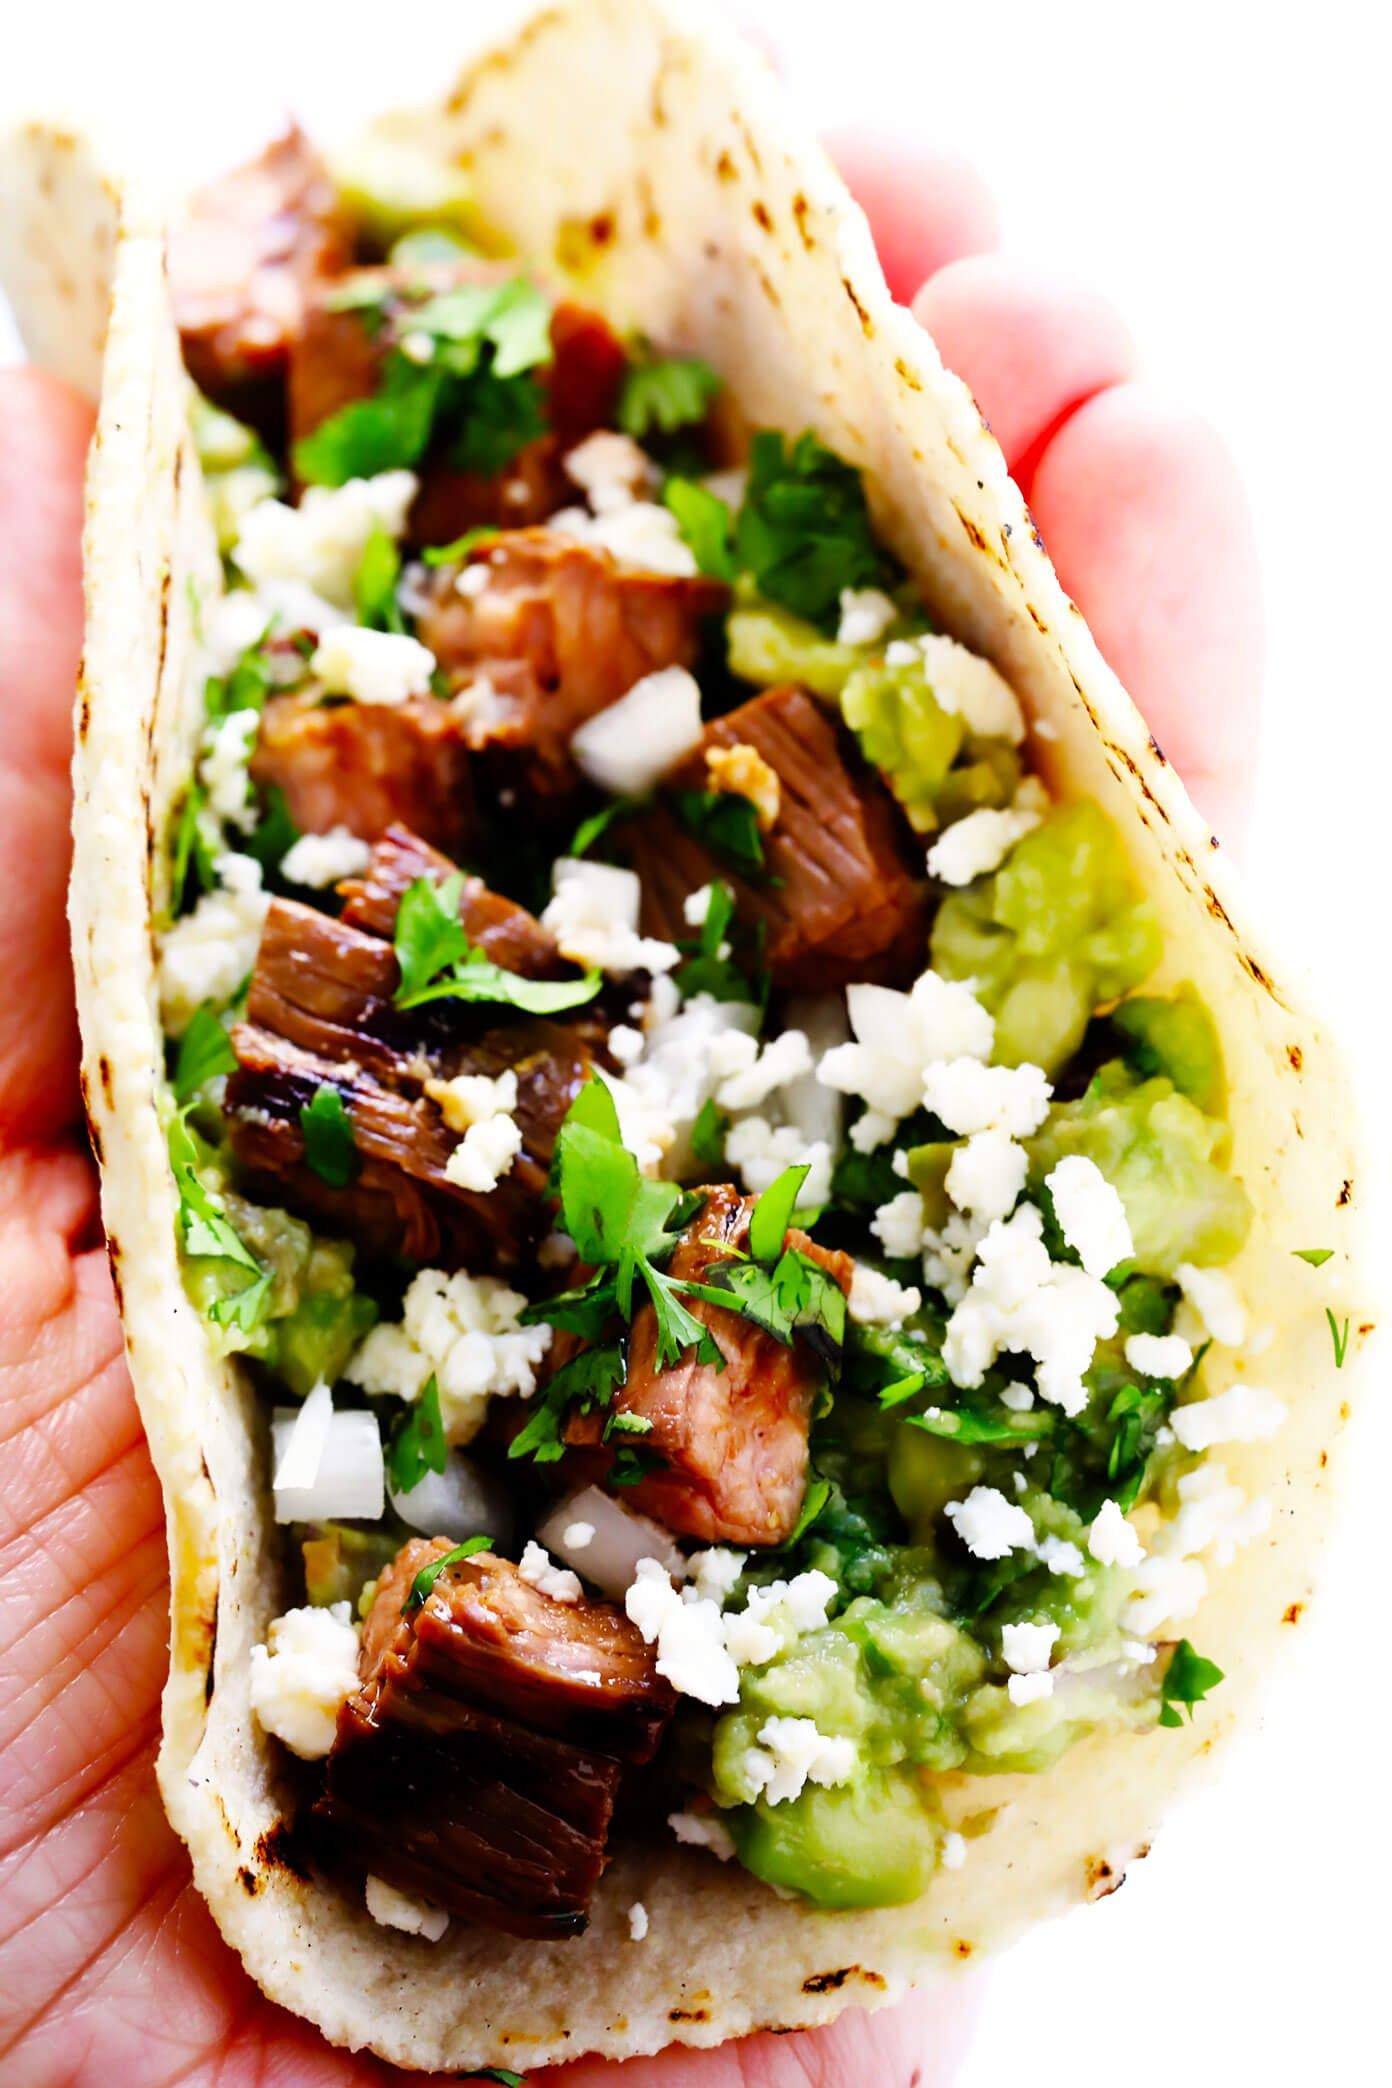 Carne Asada Taco Closeup